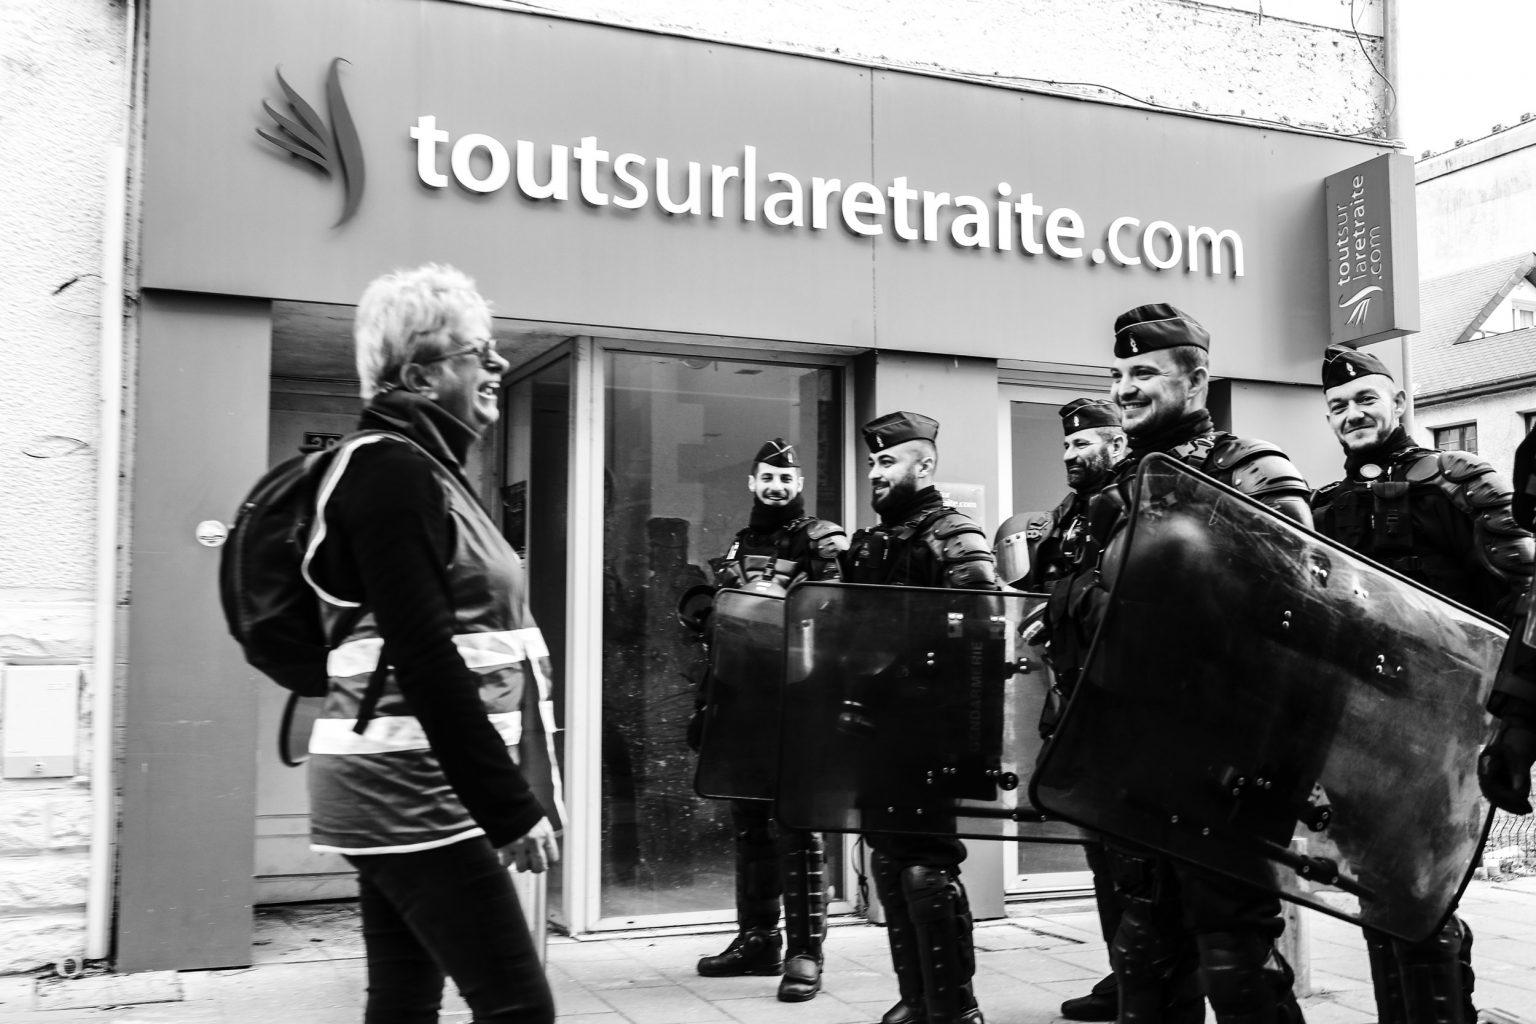 At the end of the morning while E. Macron is in Pau, firefighters, yellow jackets and trade unionists joined together to protest against the pension reform while Macron was in the city the day before for the G5 Sahel. Pau, 14 January 2020. Fin de matinee alors que E. Macron est a Pau, des manifestants pompier, gilets jaunes et syndicalistes se sont rejoint pour protester contre la reforme des retraites alors que Macron etait dans la ville la veille pour le G5 Sahel. Pau, le 14 janvier 2020.